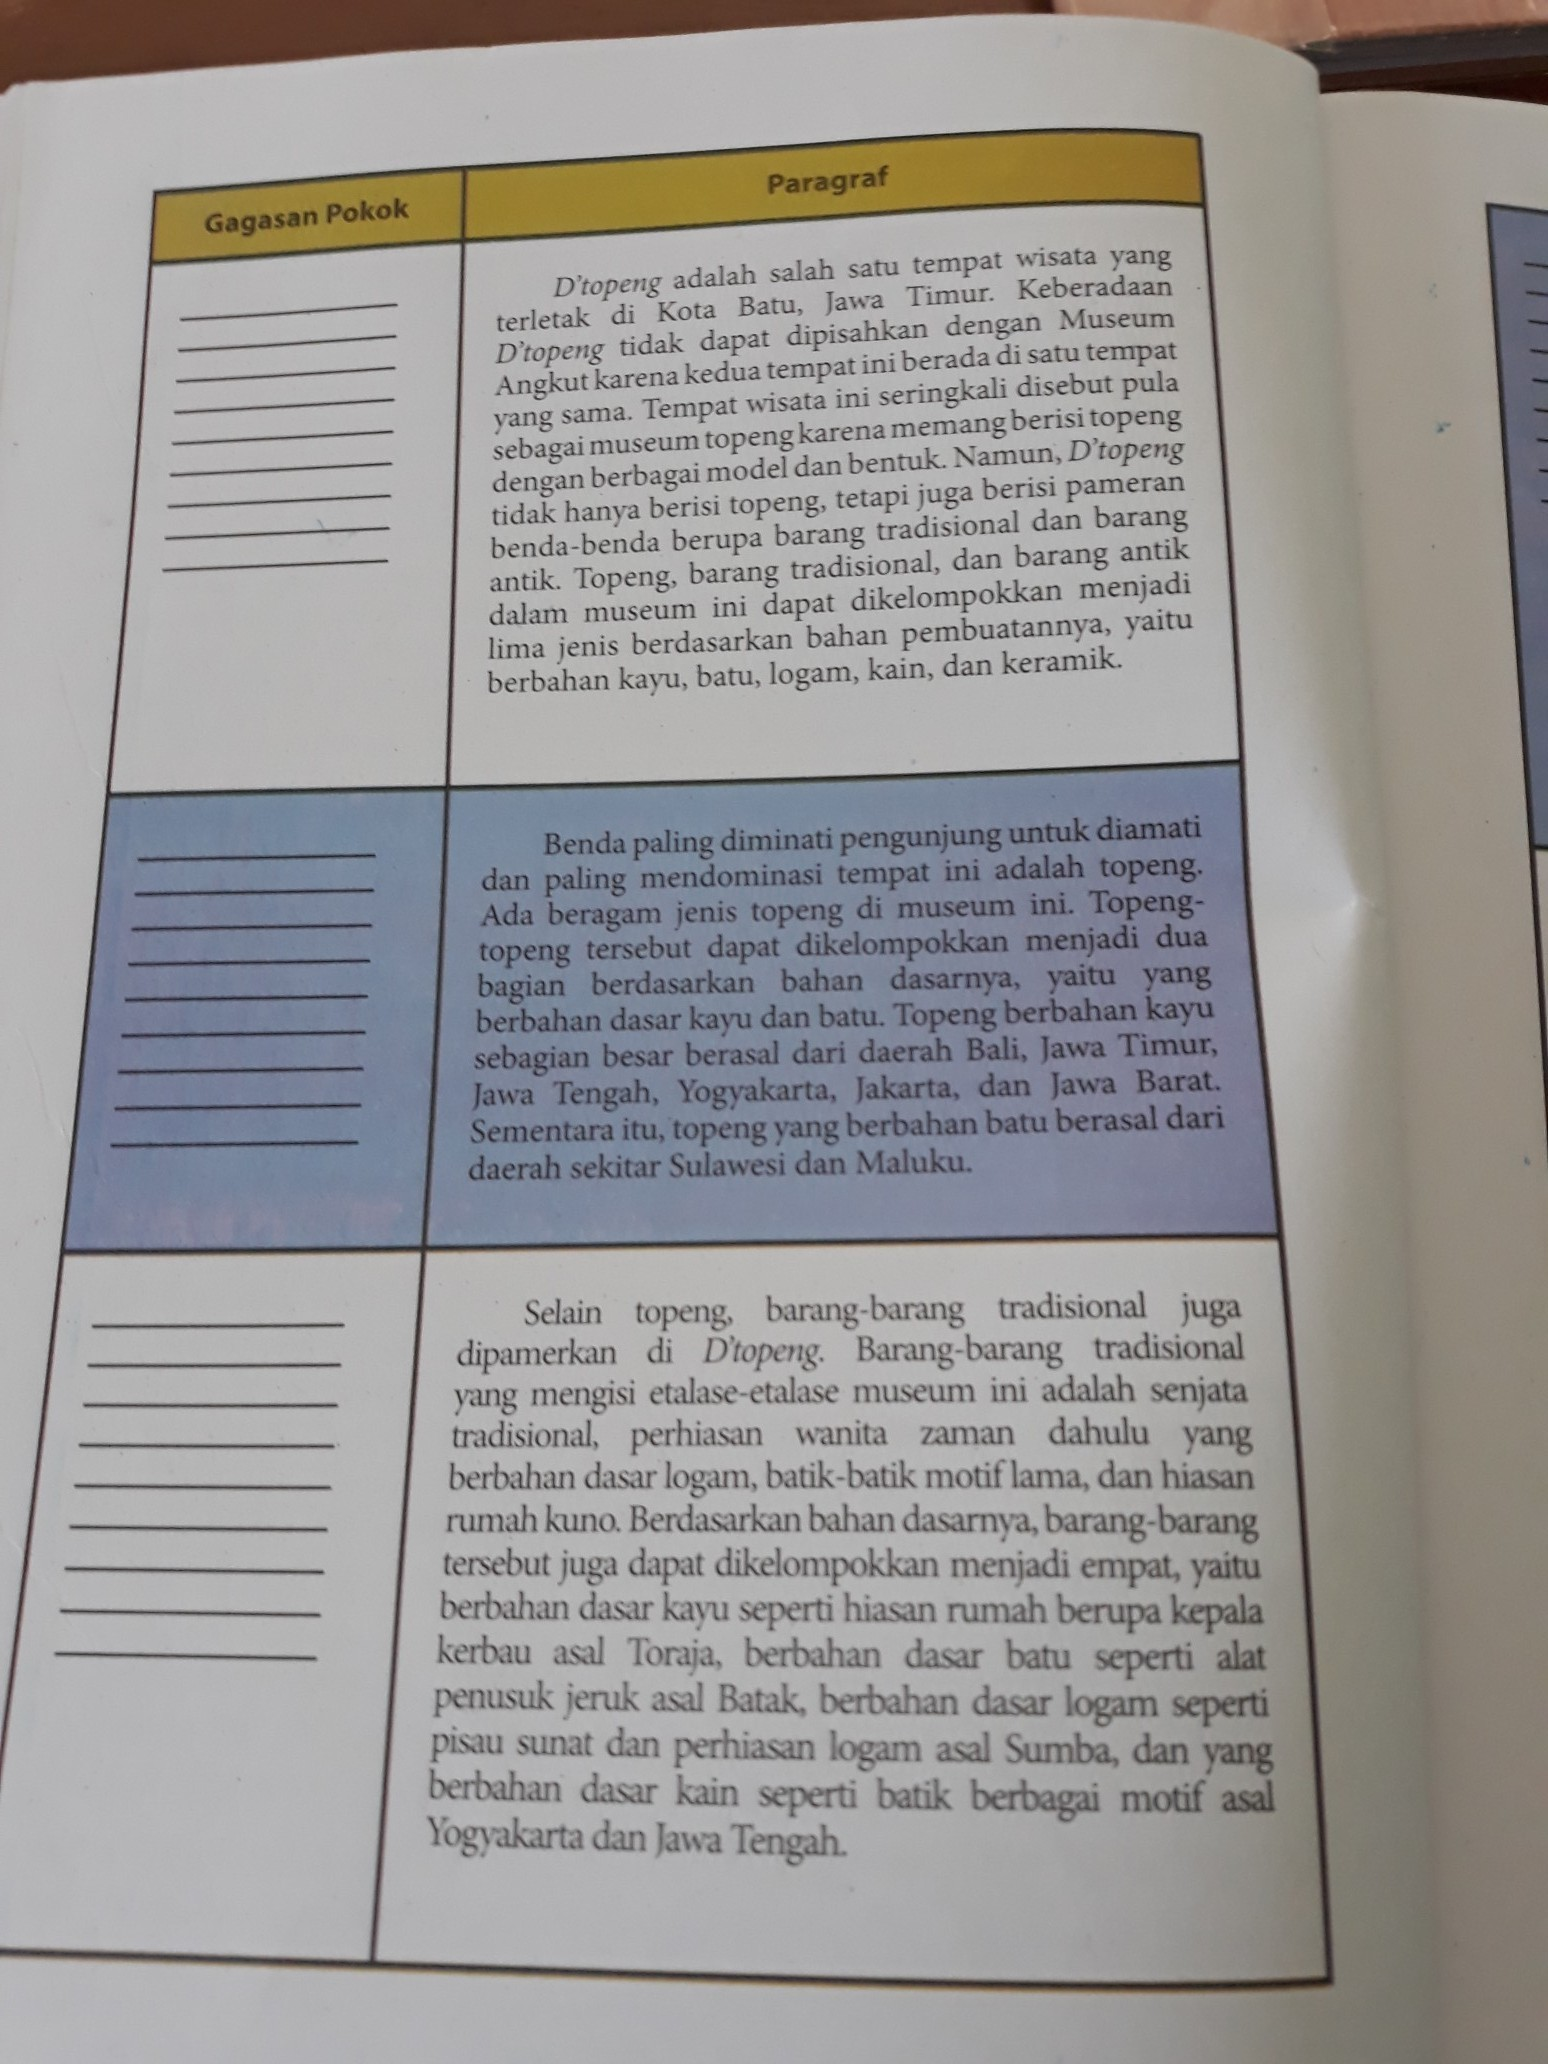 Apa Yang Dimaksud Gagasan Umum : dimaksud, gagasan, Gagasan, Pokok, Setiap, Paragraf, Dalam, Tabel, Brainly.co.id